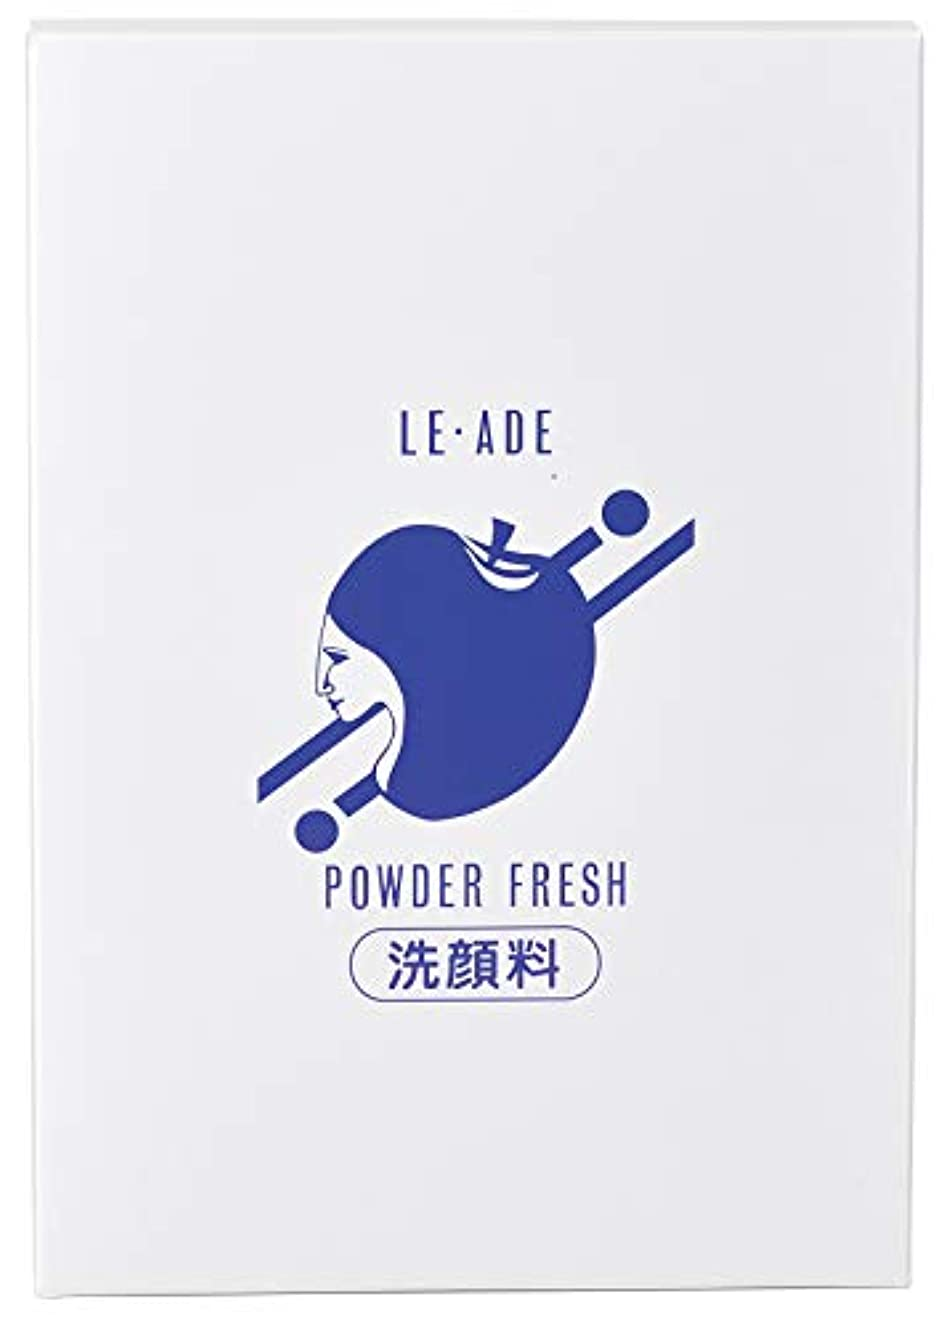 オンス虚弱シビックル?アド 天然 酵素 洗顔料 パウダー フレッシュ 67g×3袋(201g 詰替用 大容量 徳用)